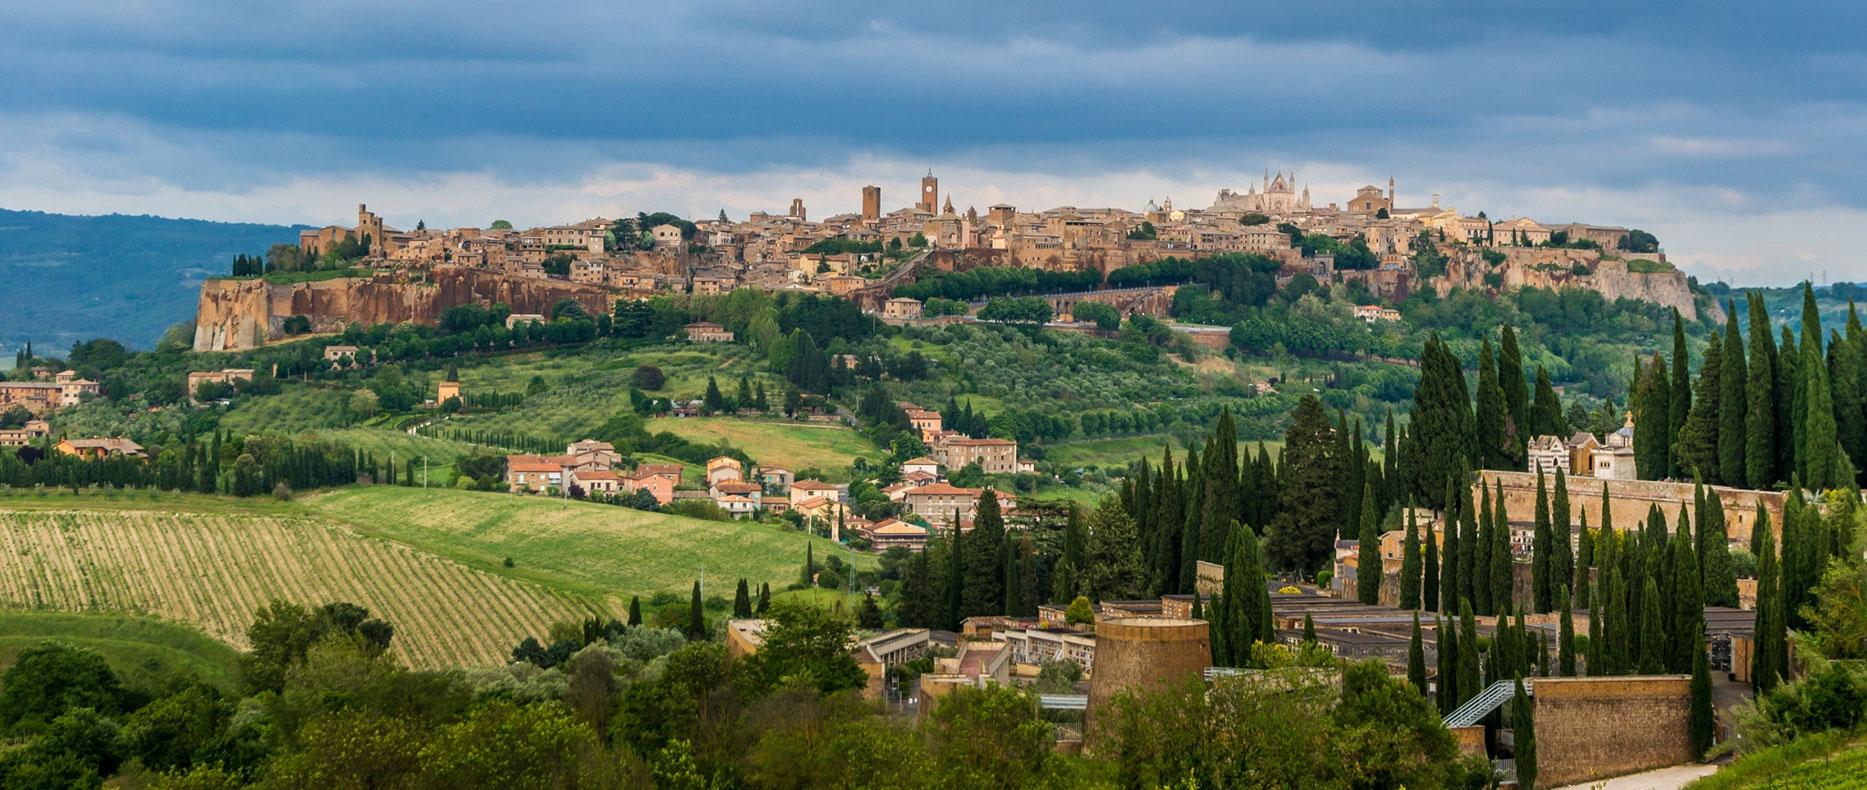 orvieto city in italy - photo #21